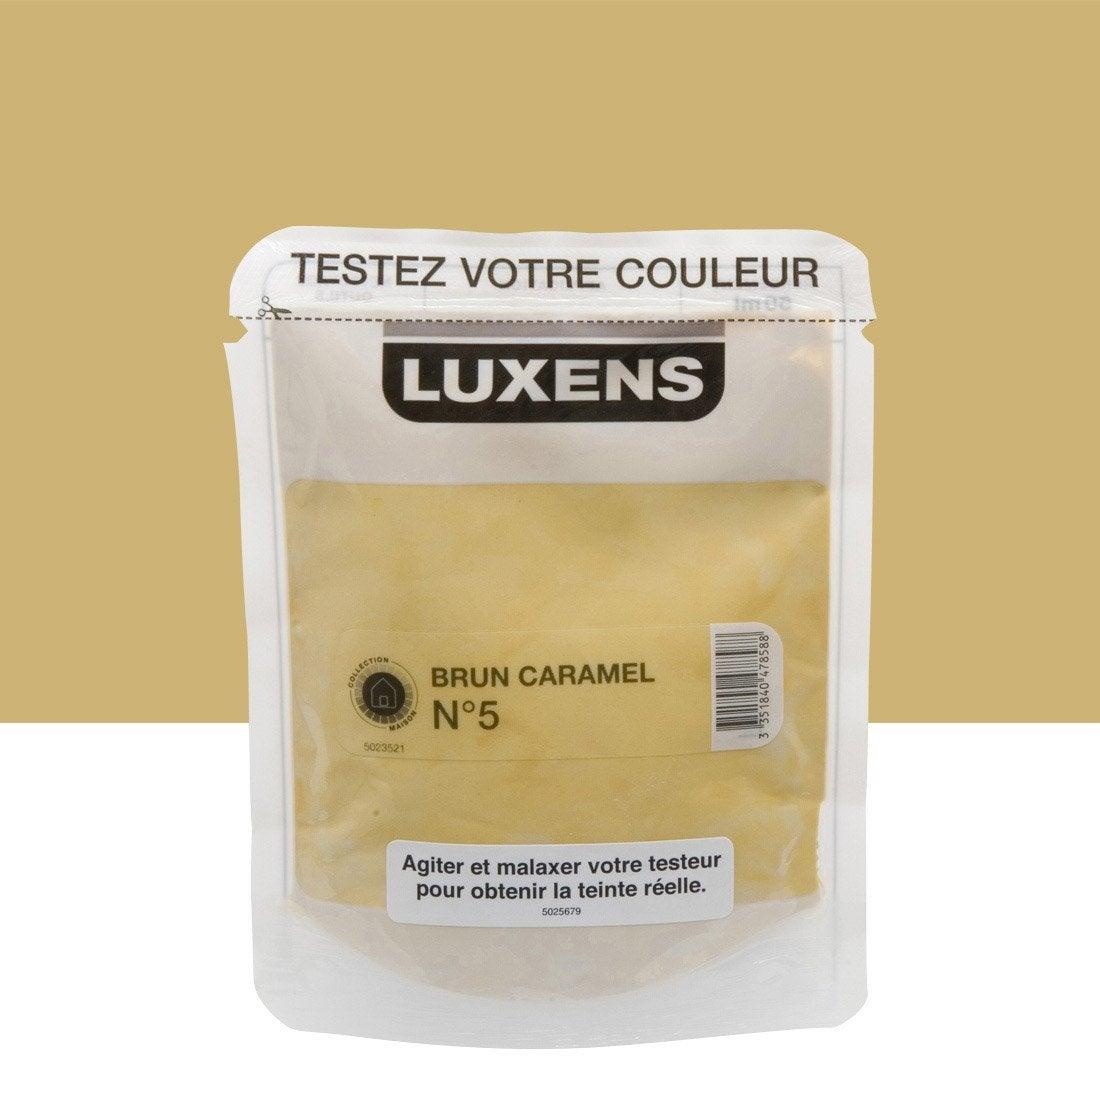 Testeur peinture brun caramel 5 luxens couleurs int rieures satin l leroy merlin for Peinture couleur caramel